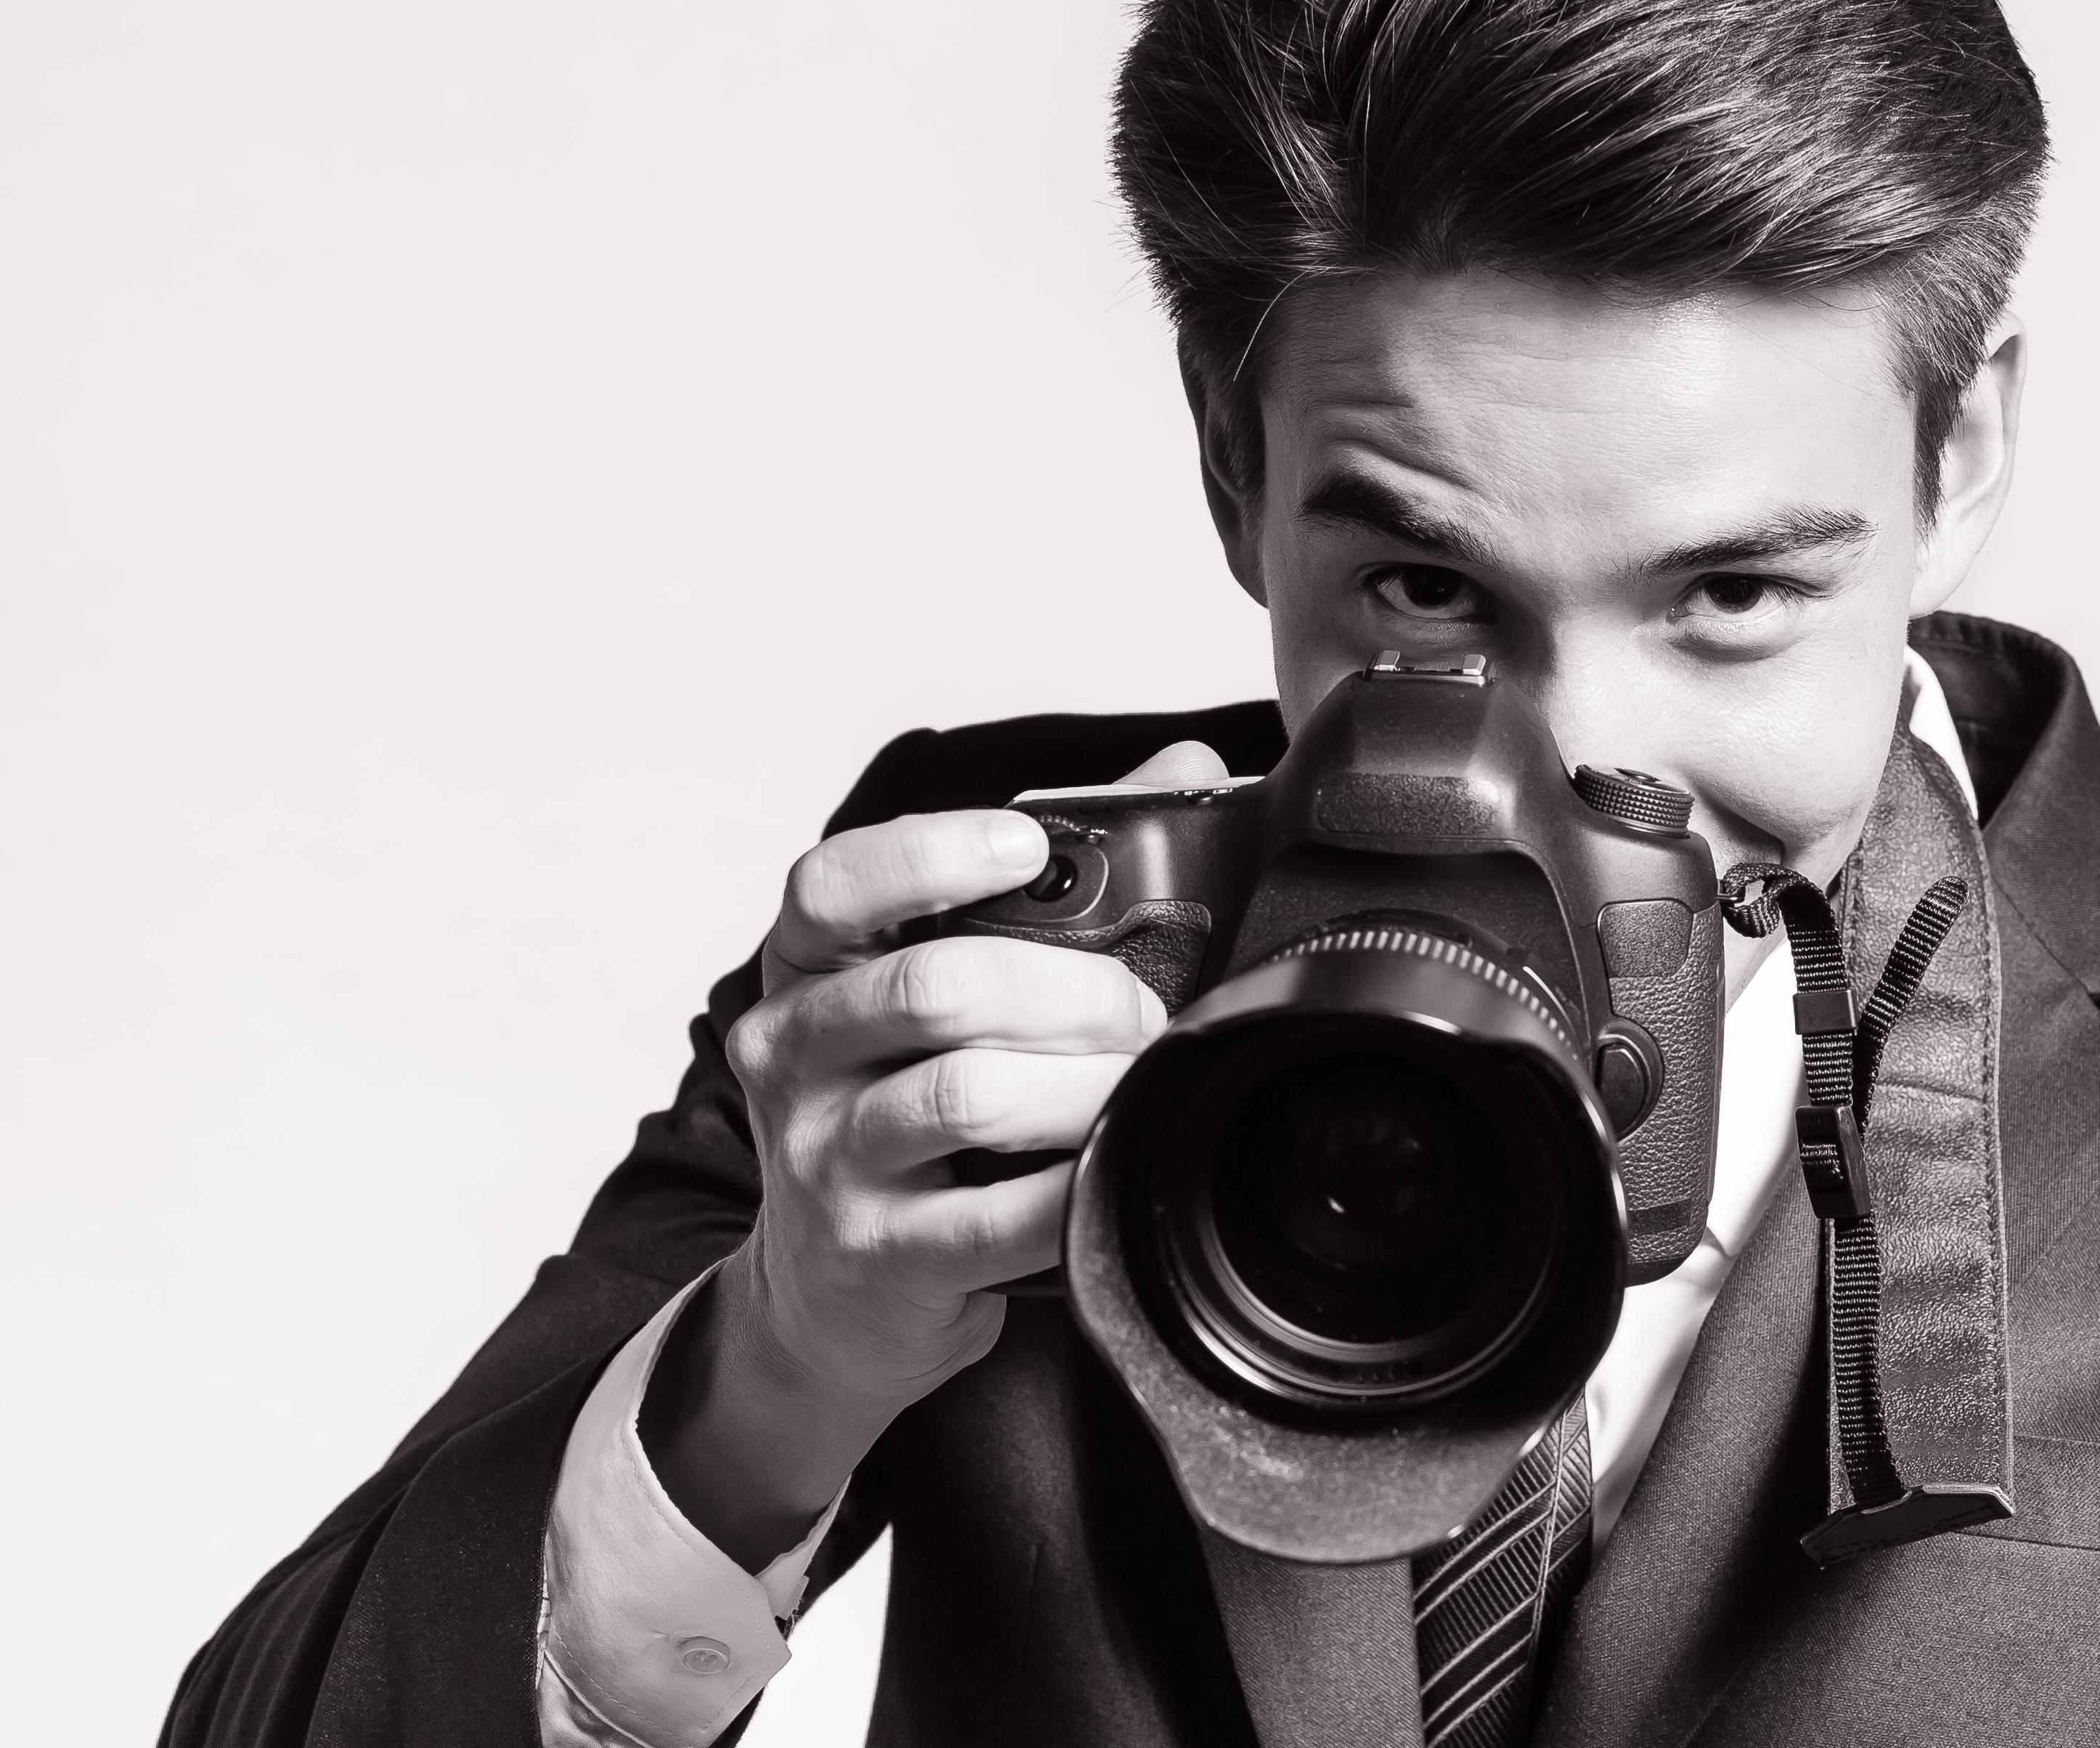 Mengapa Wanita Jatuh Cinta Pada Pria Fotografer? - Kelas Cinta